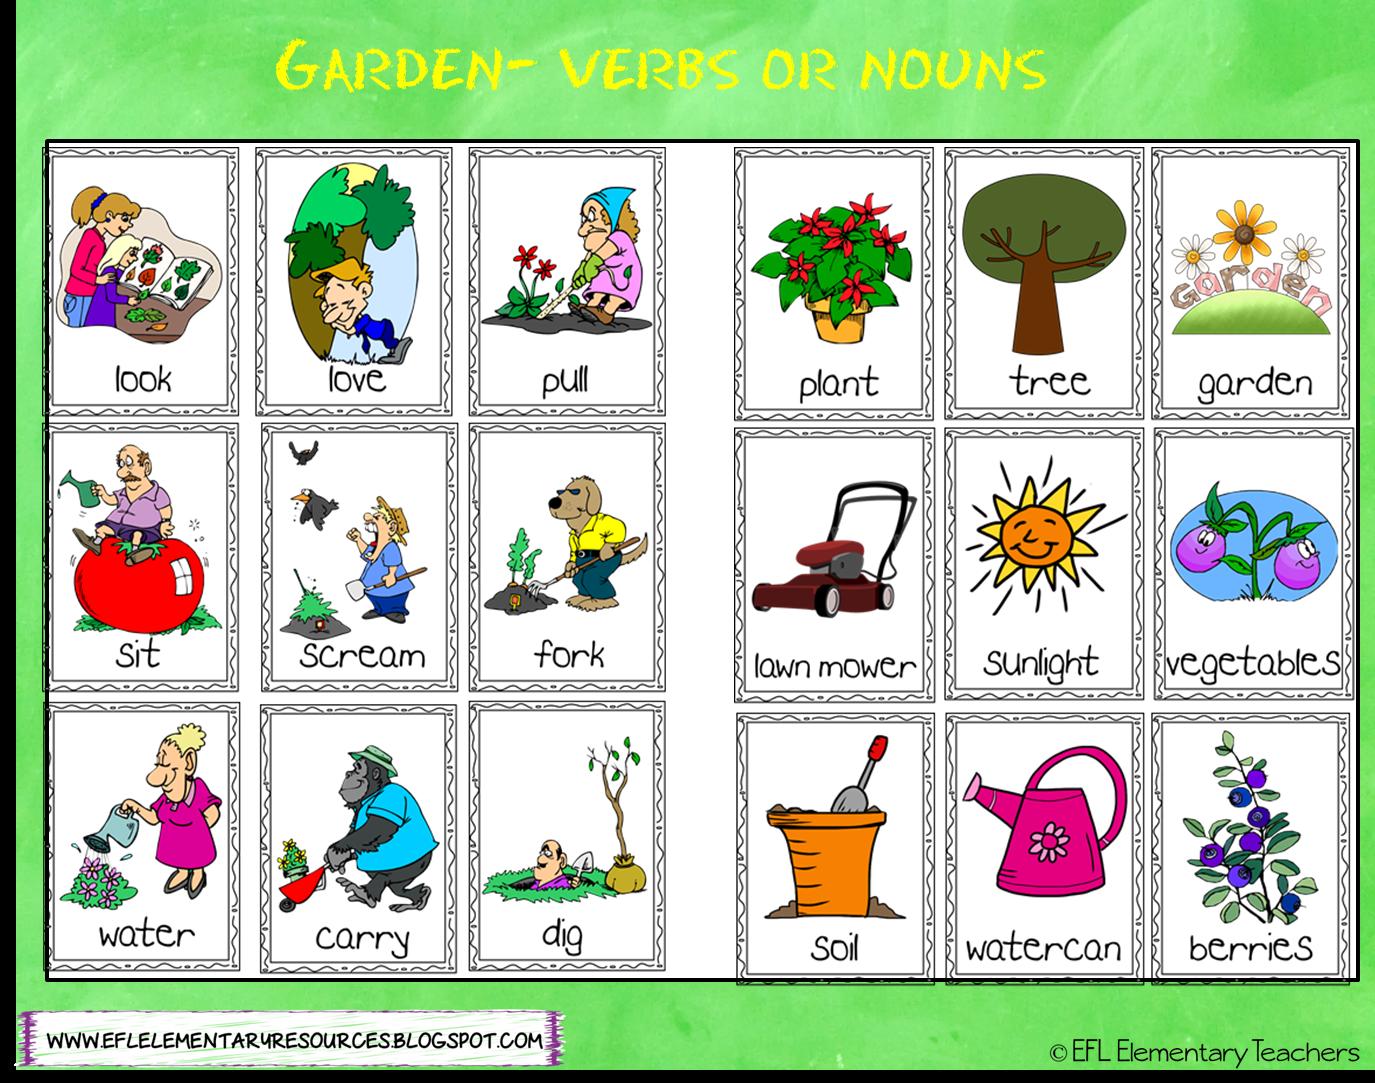 Efl Elementary Teachers Nature Or Garden Theme For